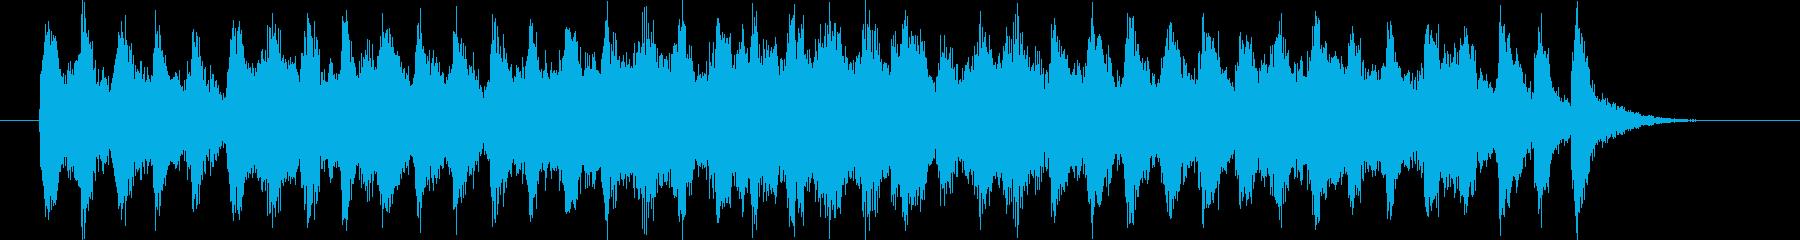 明るくわくわく感バイオリンシンセサウンドの再生済みの波形